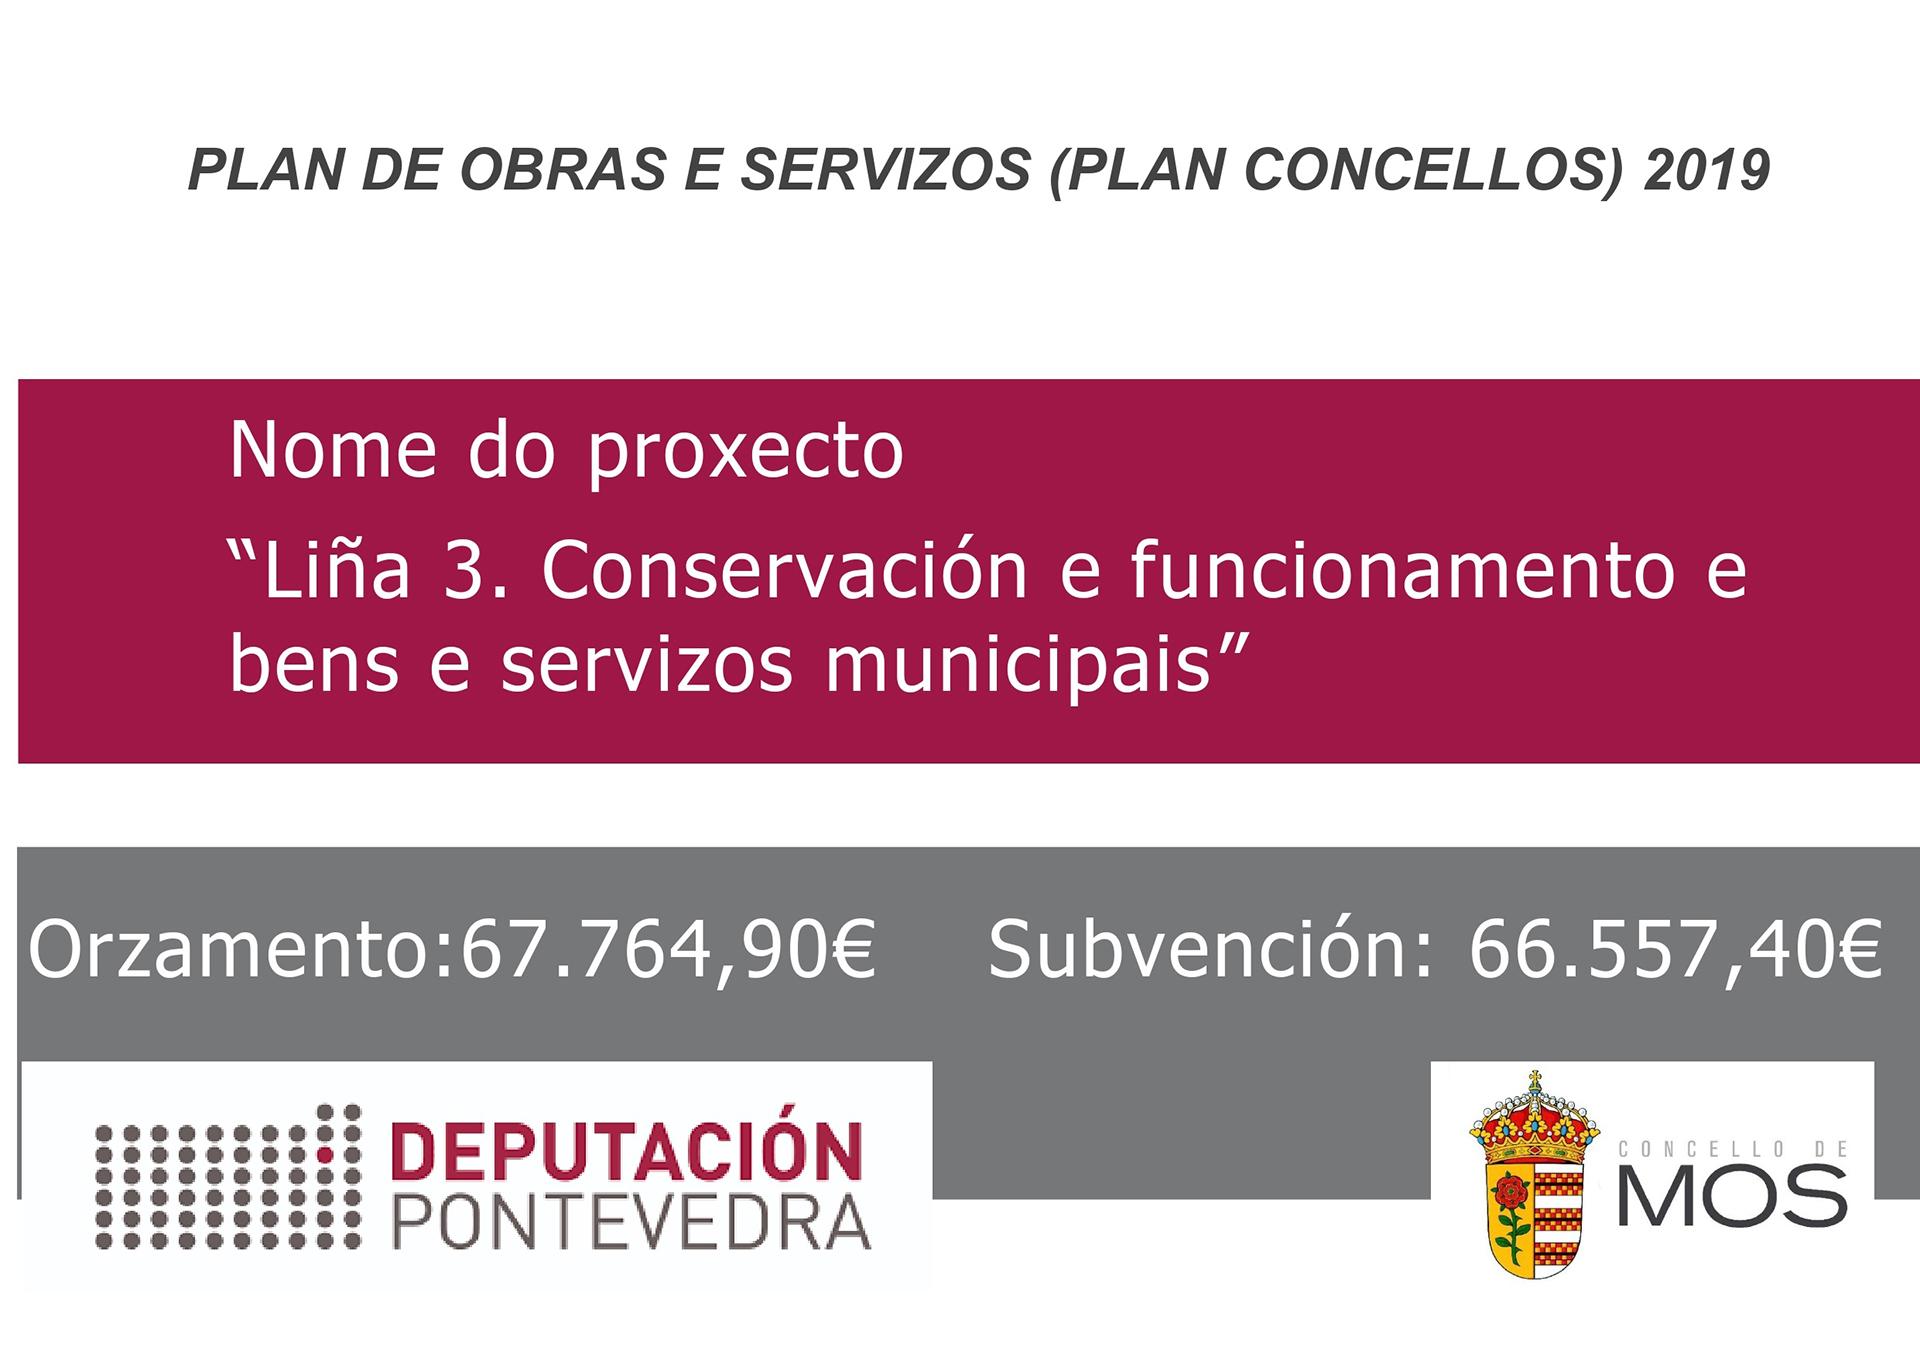 Plan Concellos 2019 - Liña 3